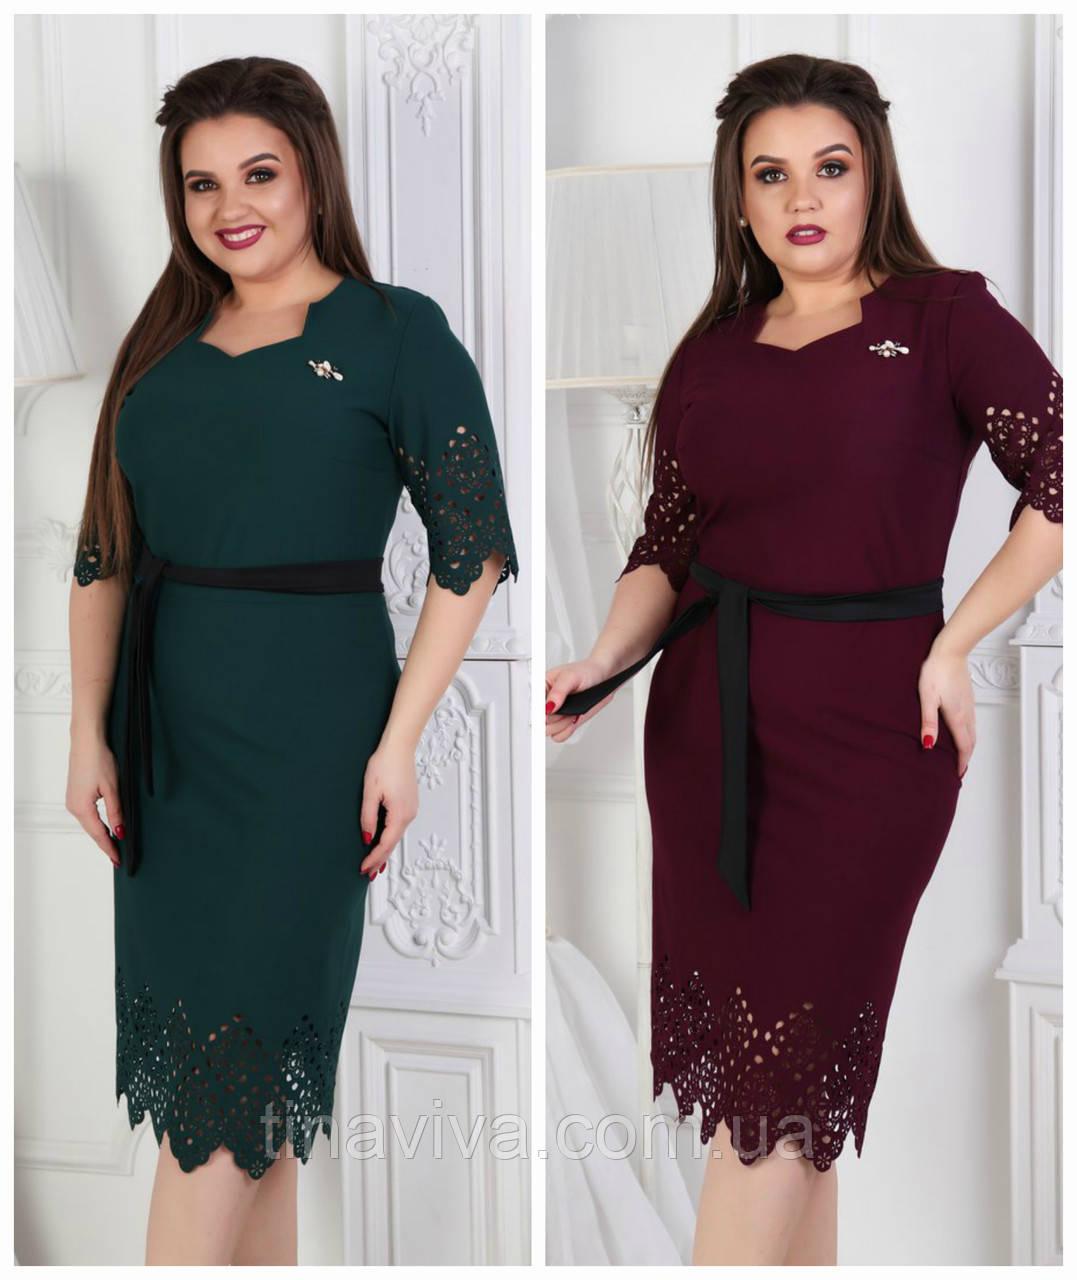 """Женское  платье большого размера """"Вираж"""" (жіноче плаття ) баталл  два цвета"""